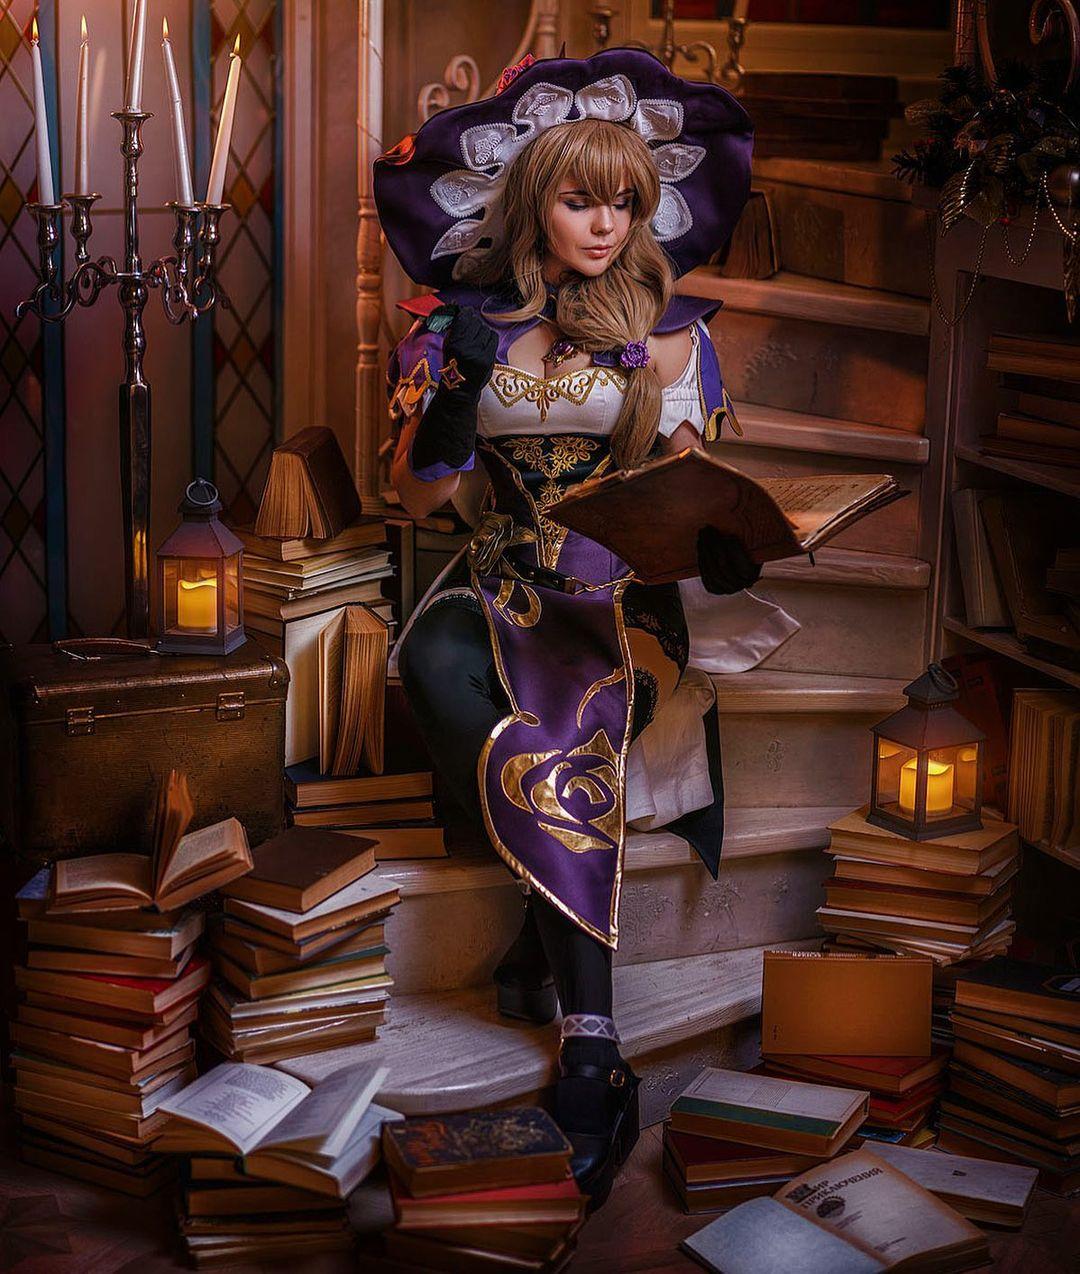 Fotografía de la mercancía de Fenindom Cosplay Agency mostrando el cosplay de Lisa de 'Genshin Impact'.